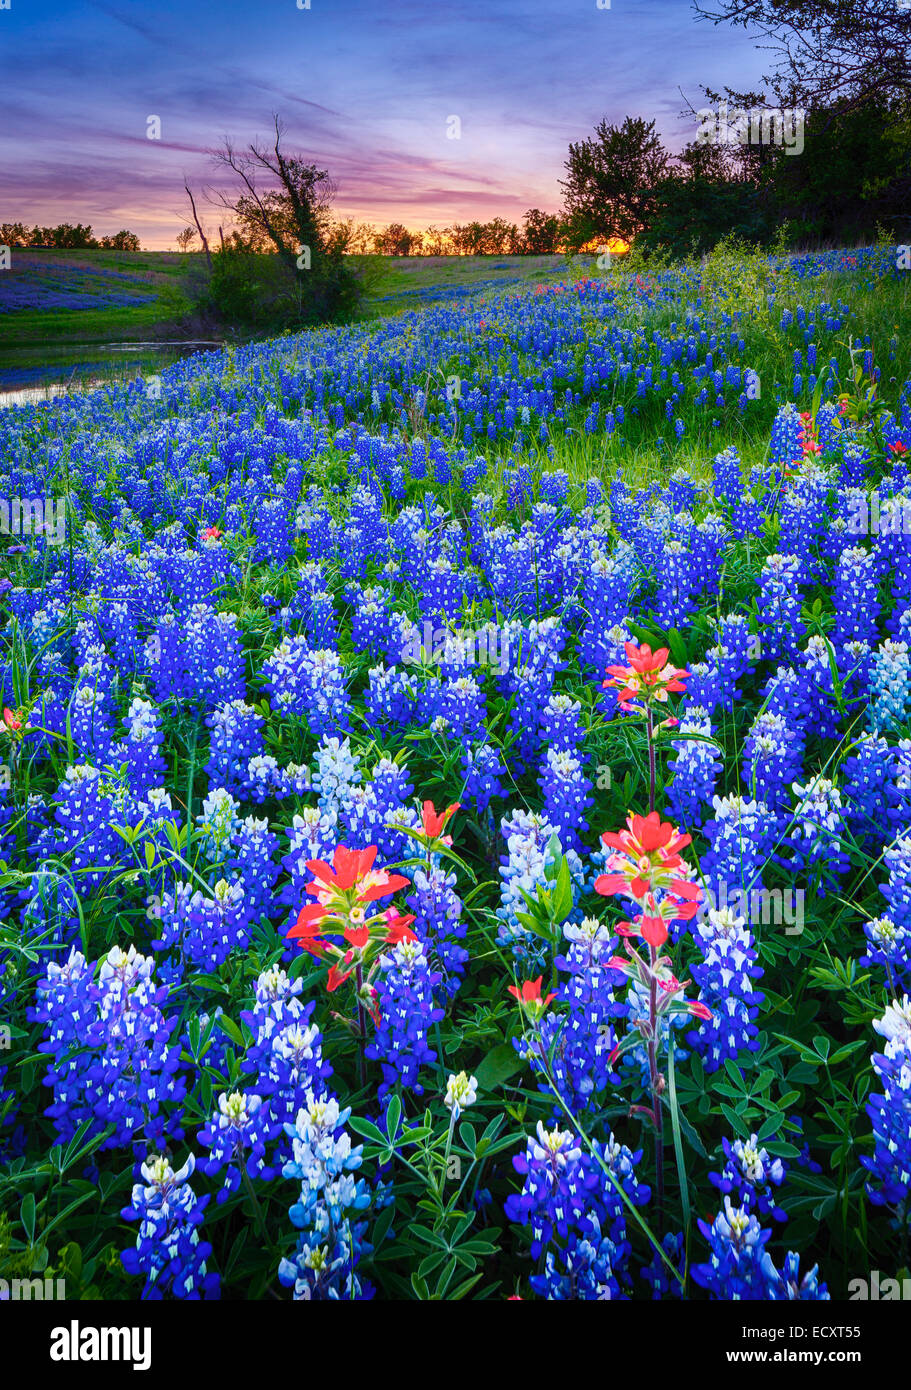 Texas-Pinsel und Kornblumen in Ennis / Texas. Lupinus Texensis, Texas Bluebonnet ist eine Art von Lupine endemisch Stockbild